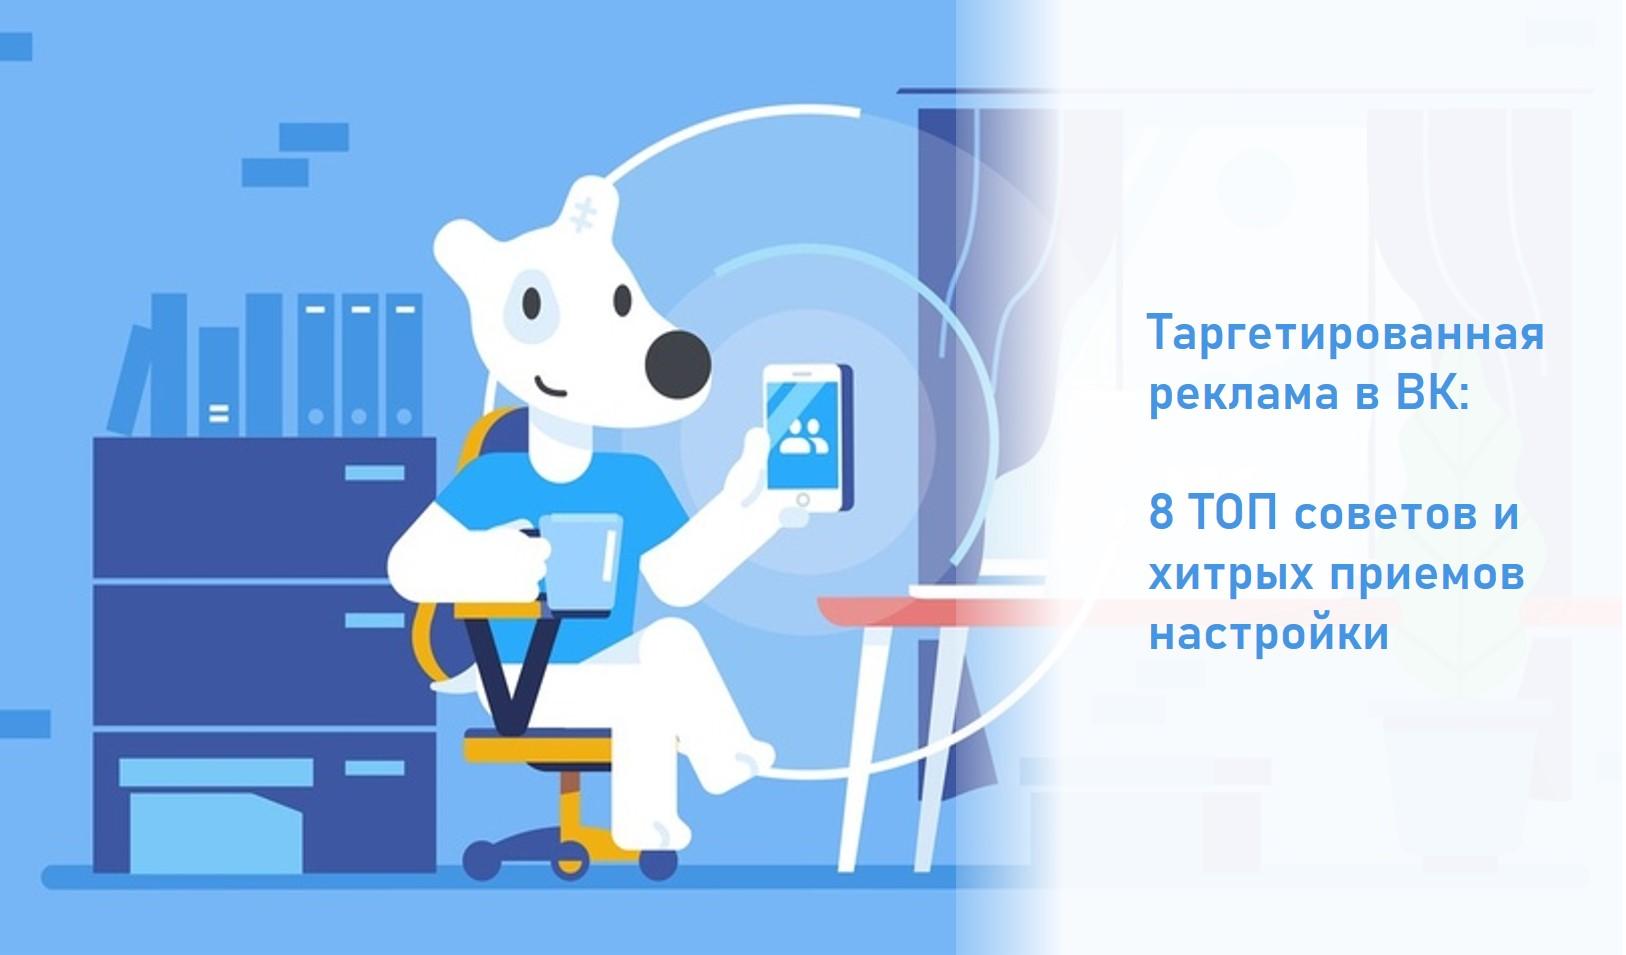 Таргетированная реклама в ВК: 8 ТОП советов по настройке